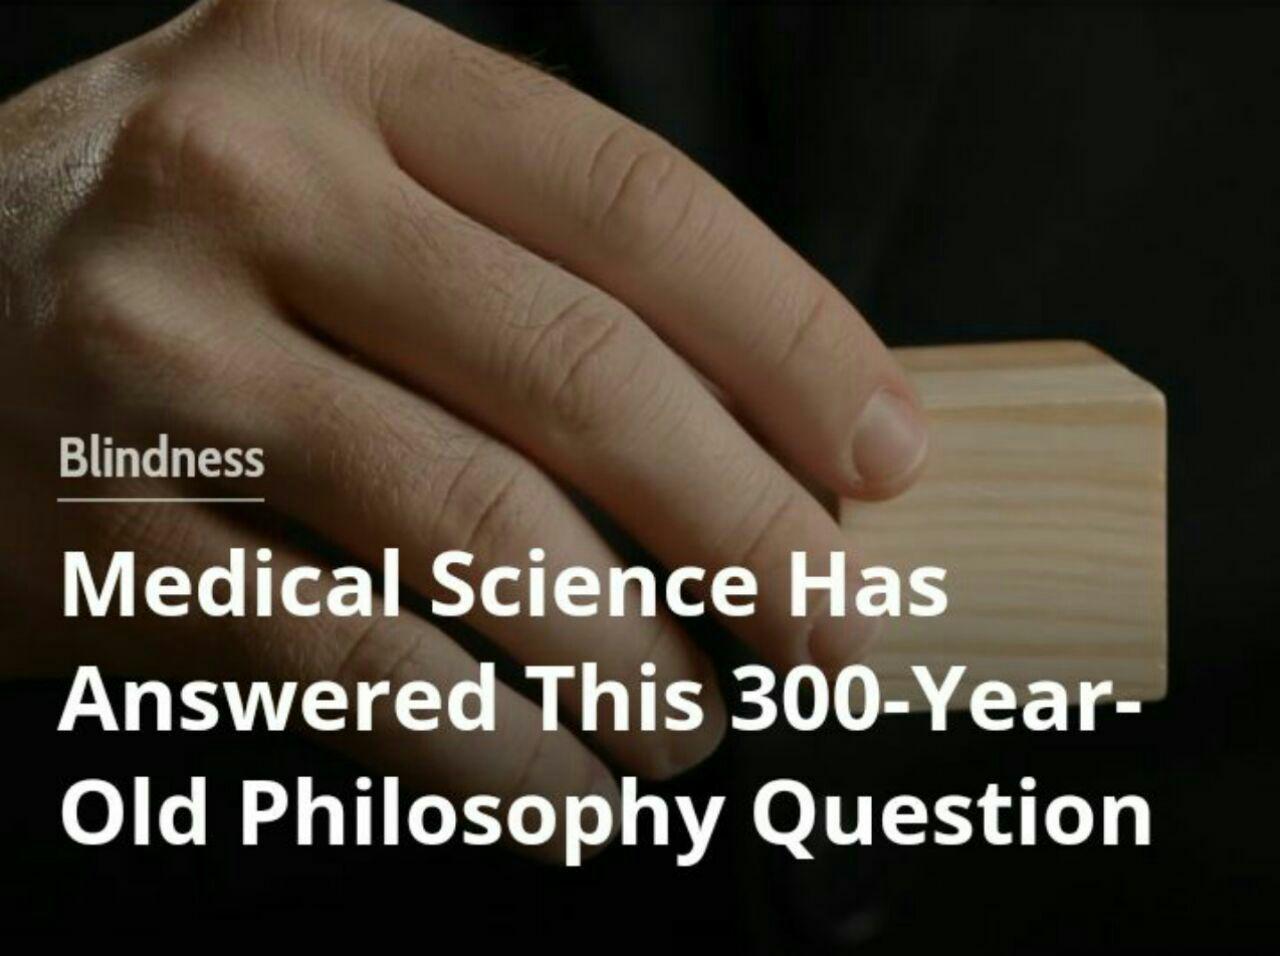 سوال فلسفی جالب